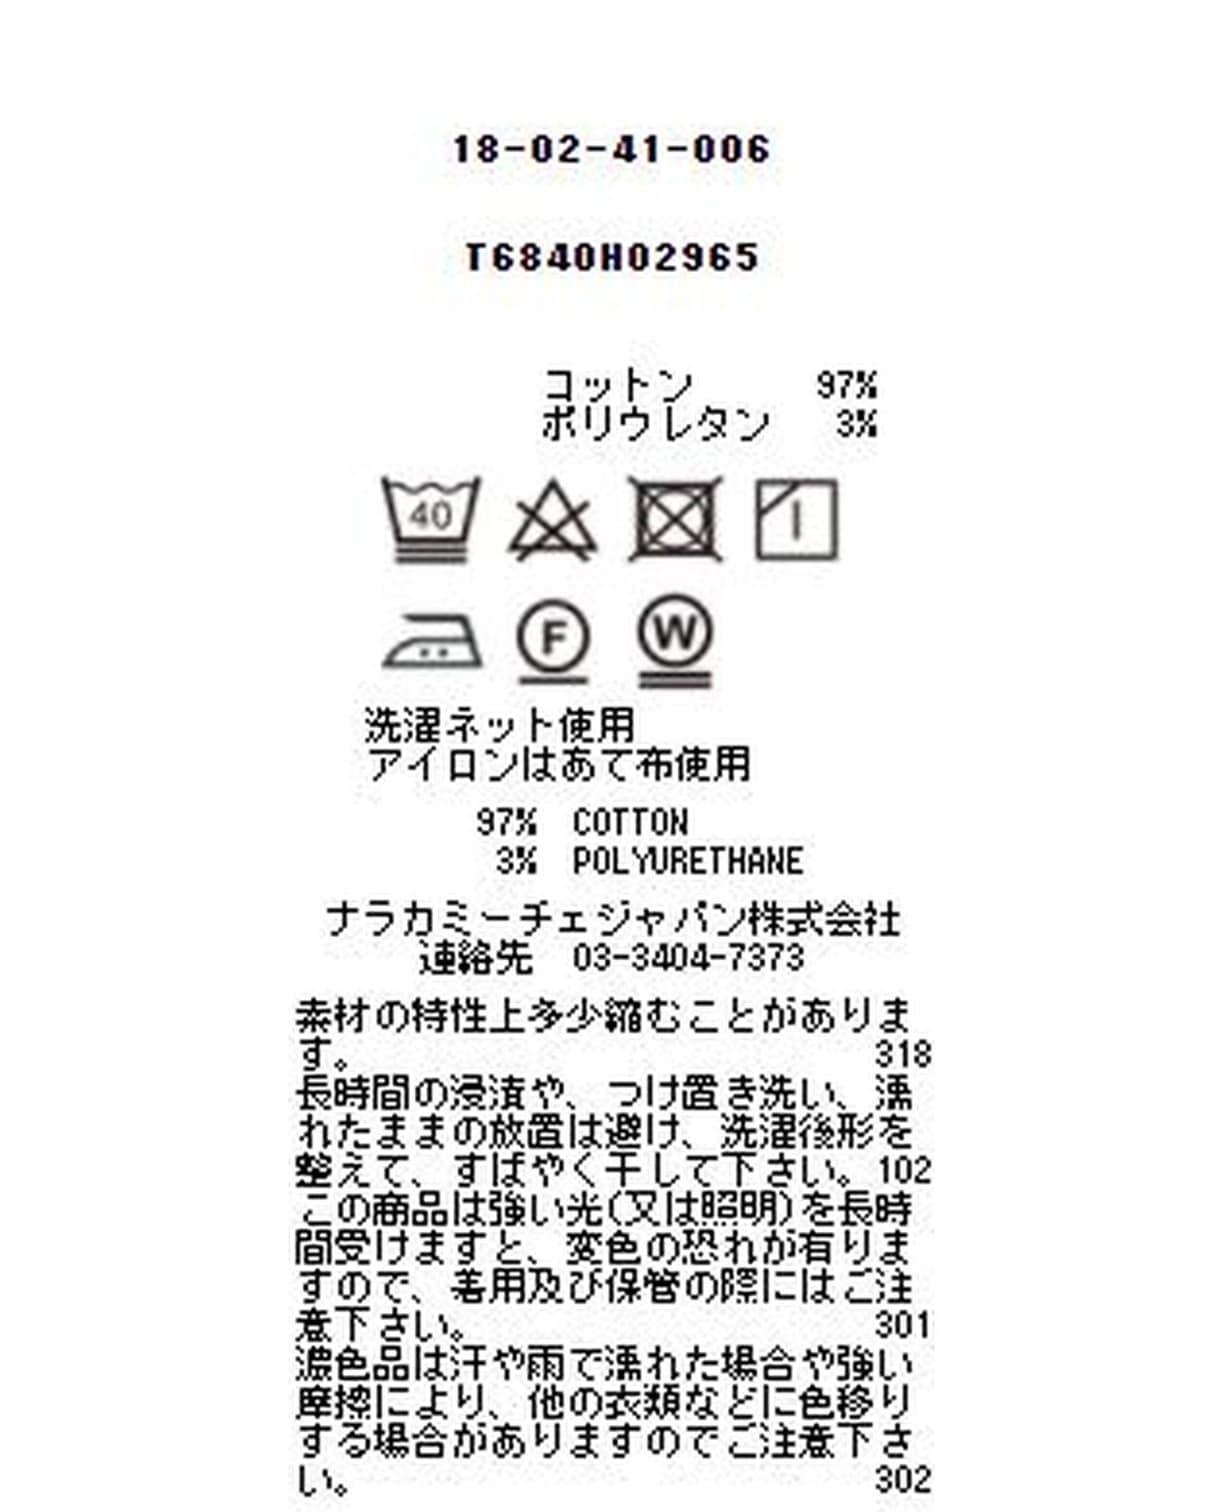 【MEN'S】プリント長袖シャツ